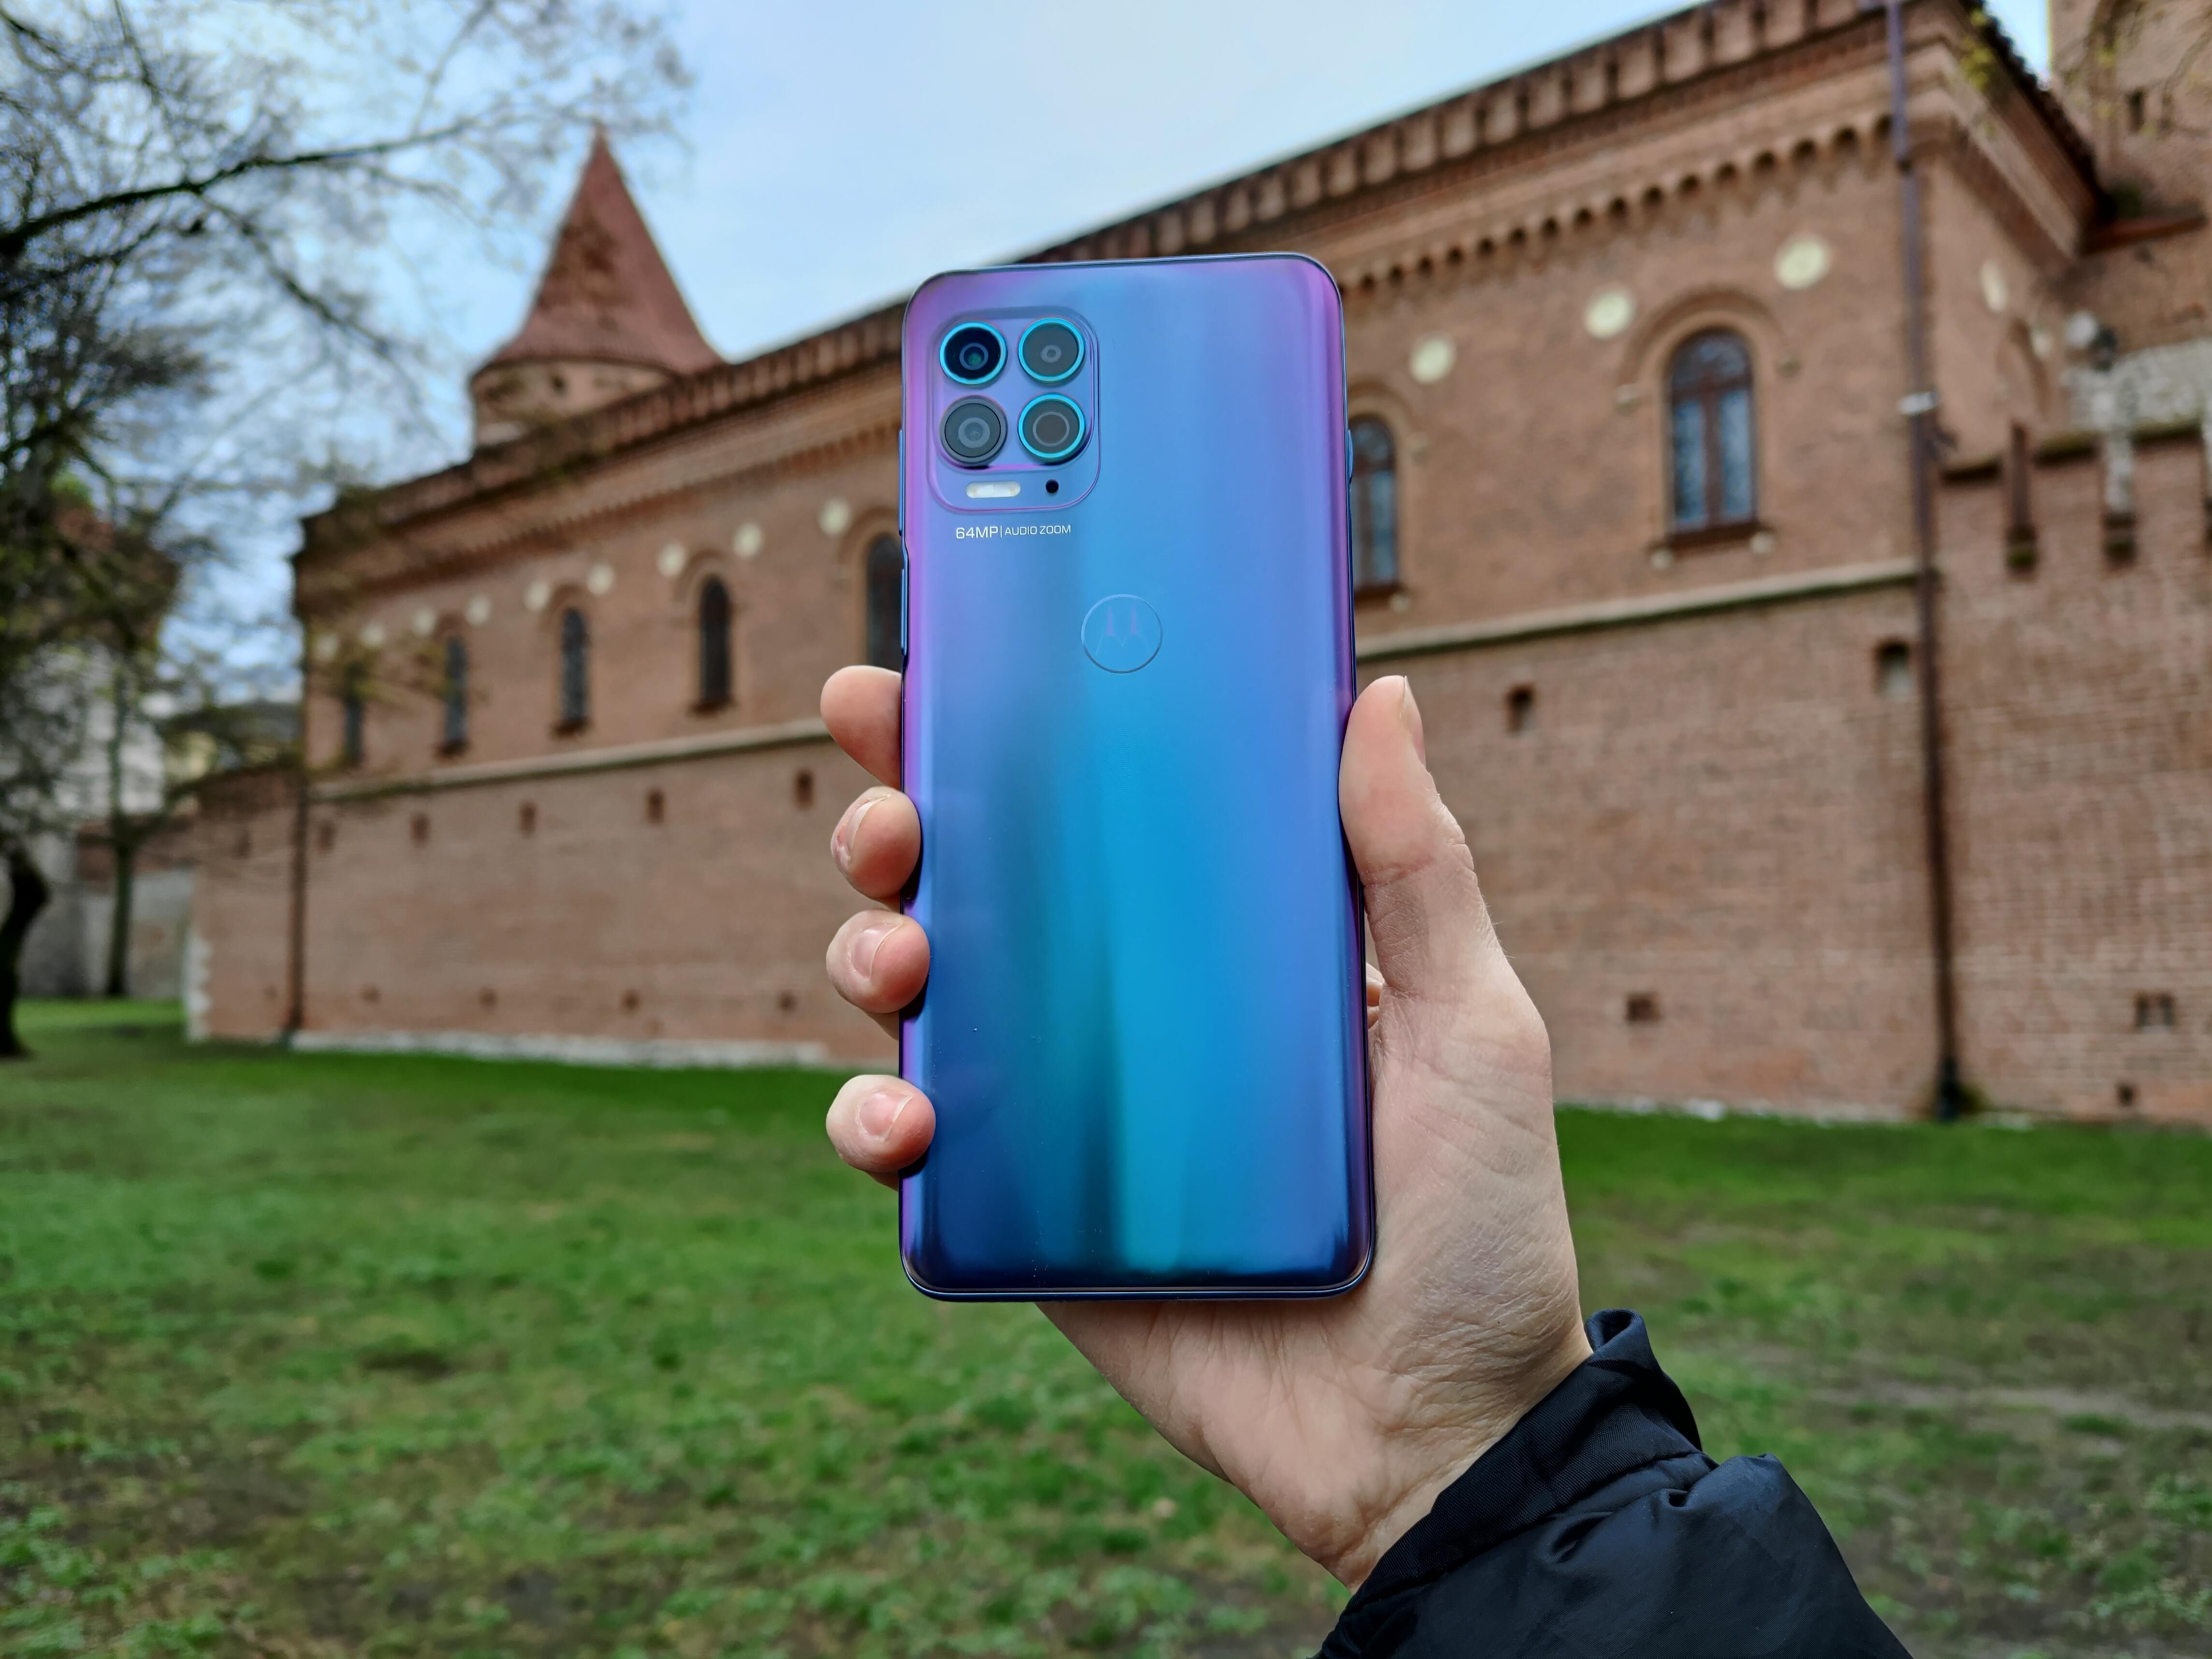 Recenzja Motorola Moto G100 - Tył urządzenia - fot. Tabletowo.pl